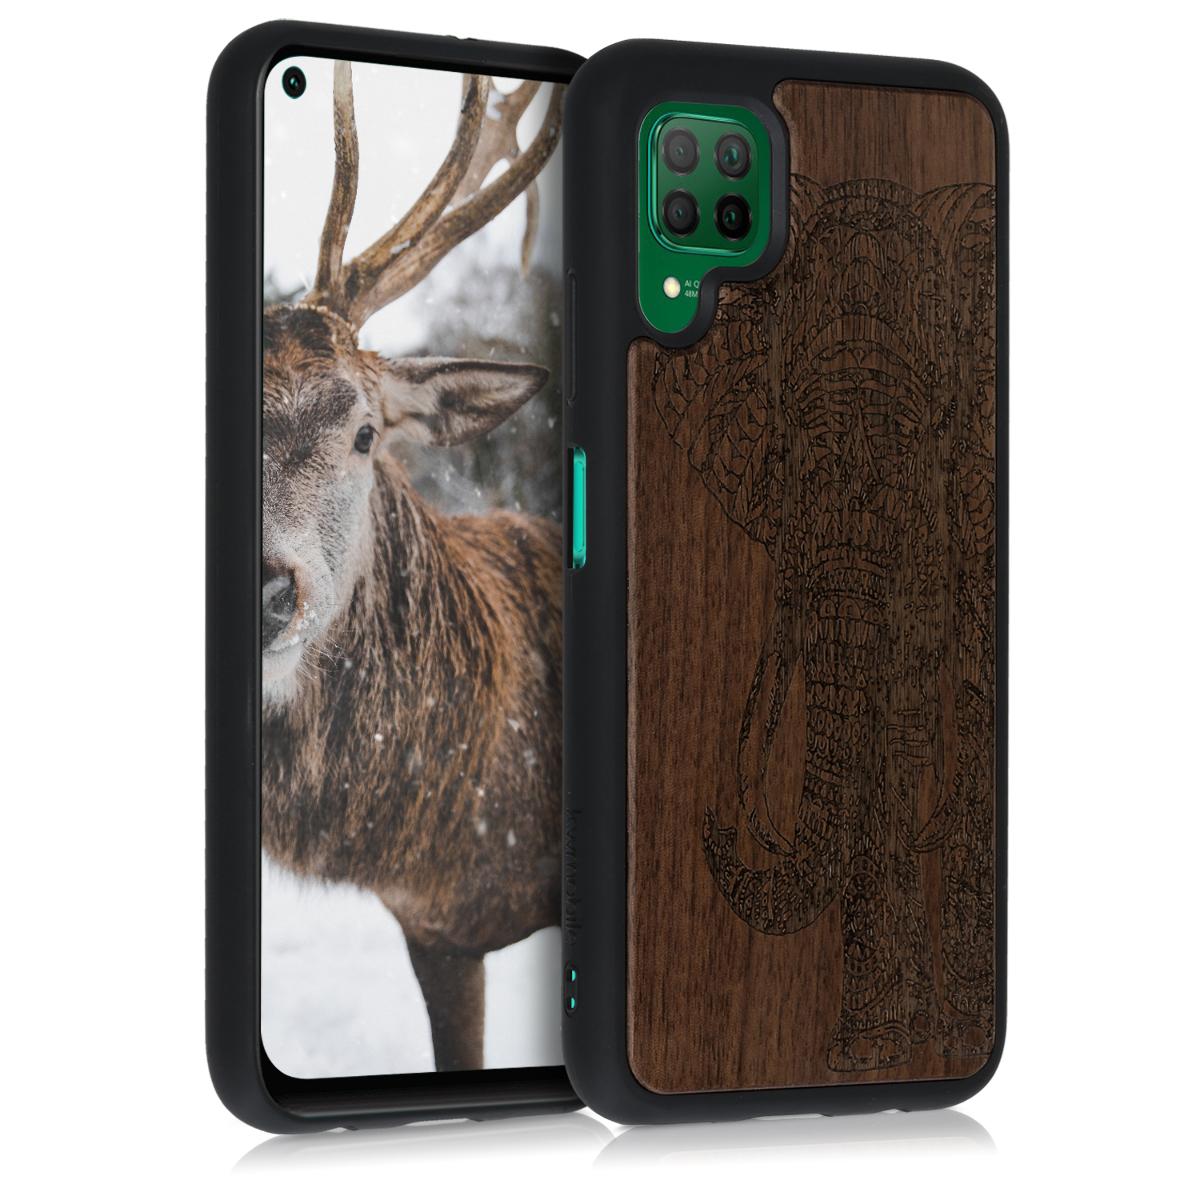 Dřevěné hnědé pouzdro / obal pro Huawei P40 Lite s motivem slona